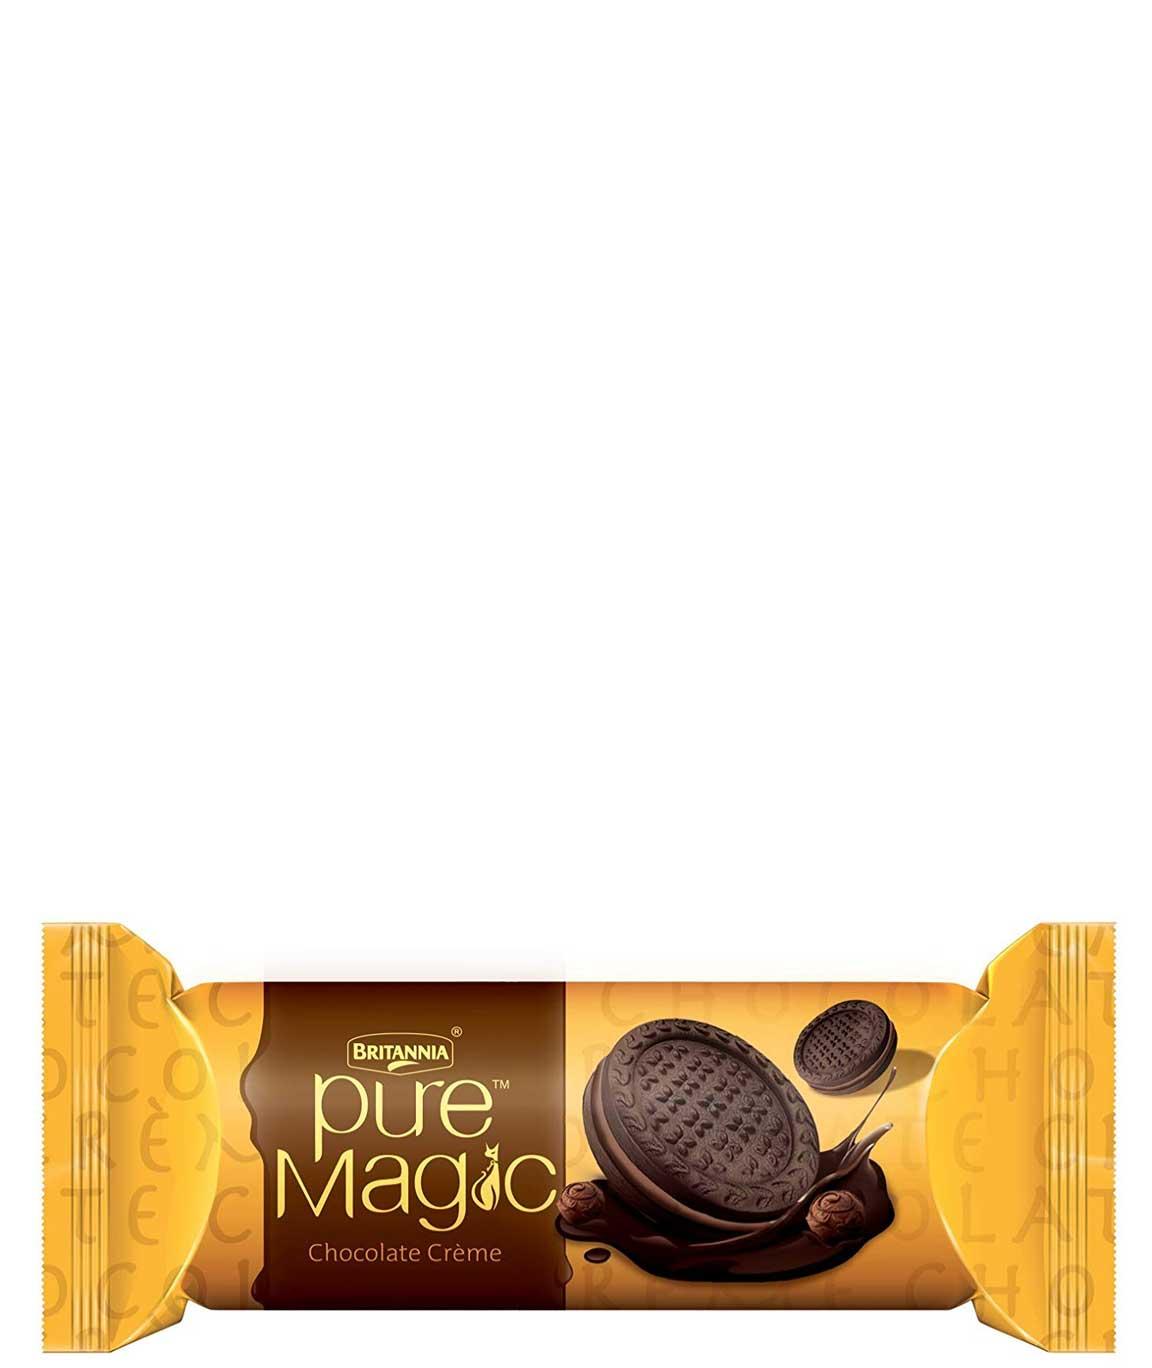 Britannia Pure Magic Chocolate Cream, 100g